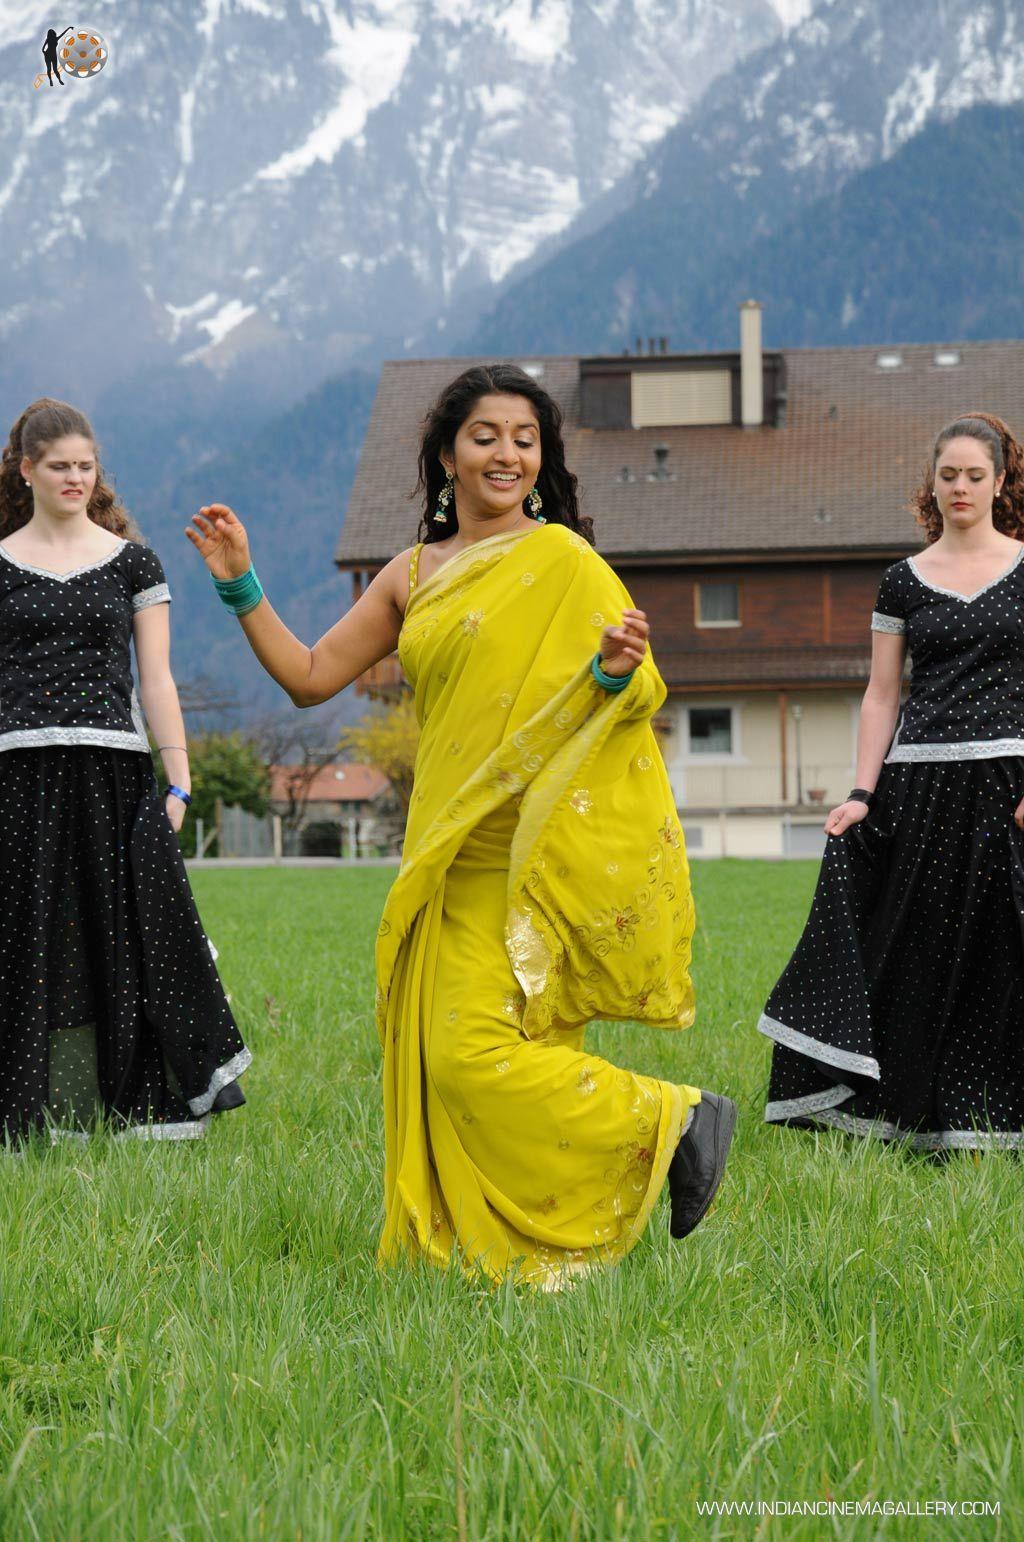 Tamil Hot Hits Actress Meera Jasmin Hot Hits Photos -4769